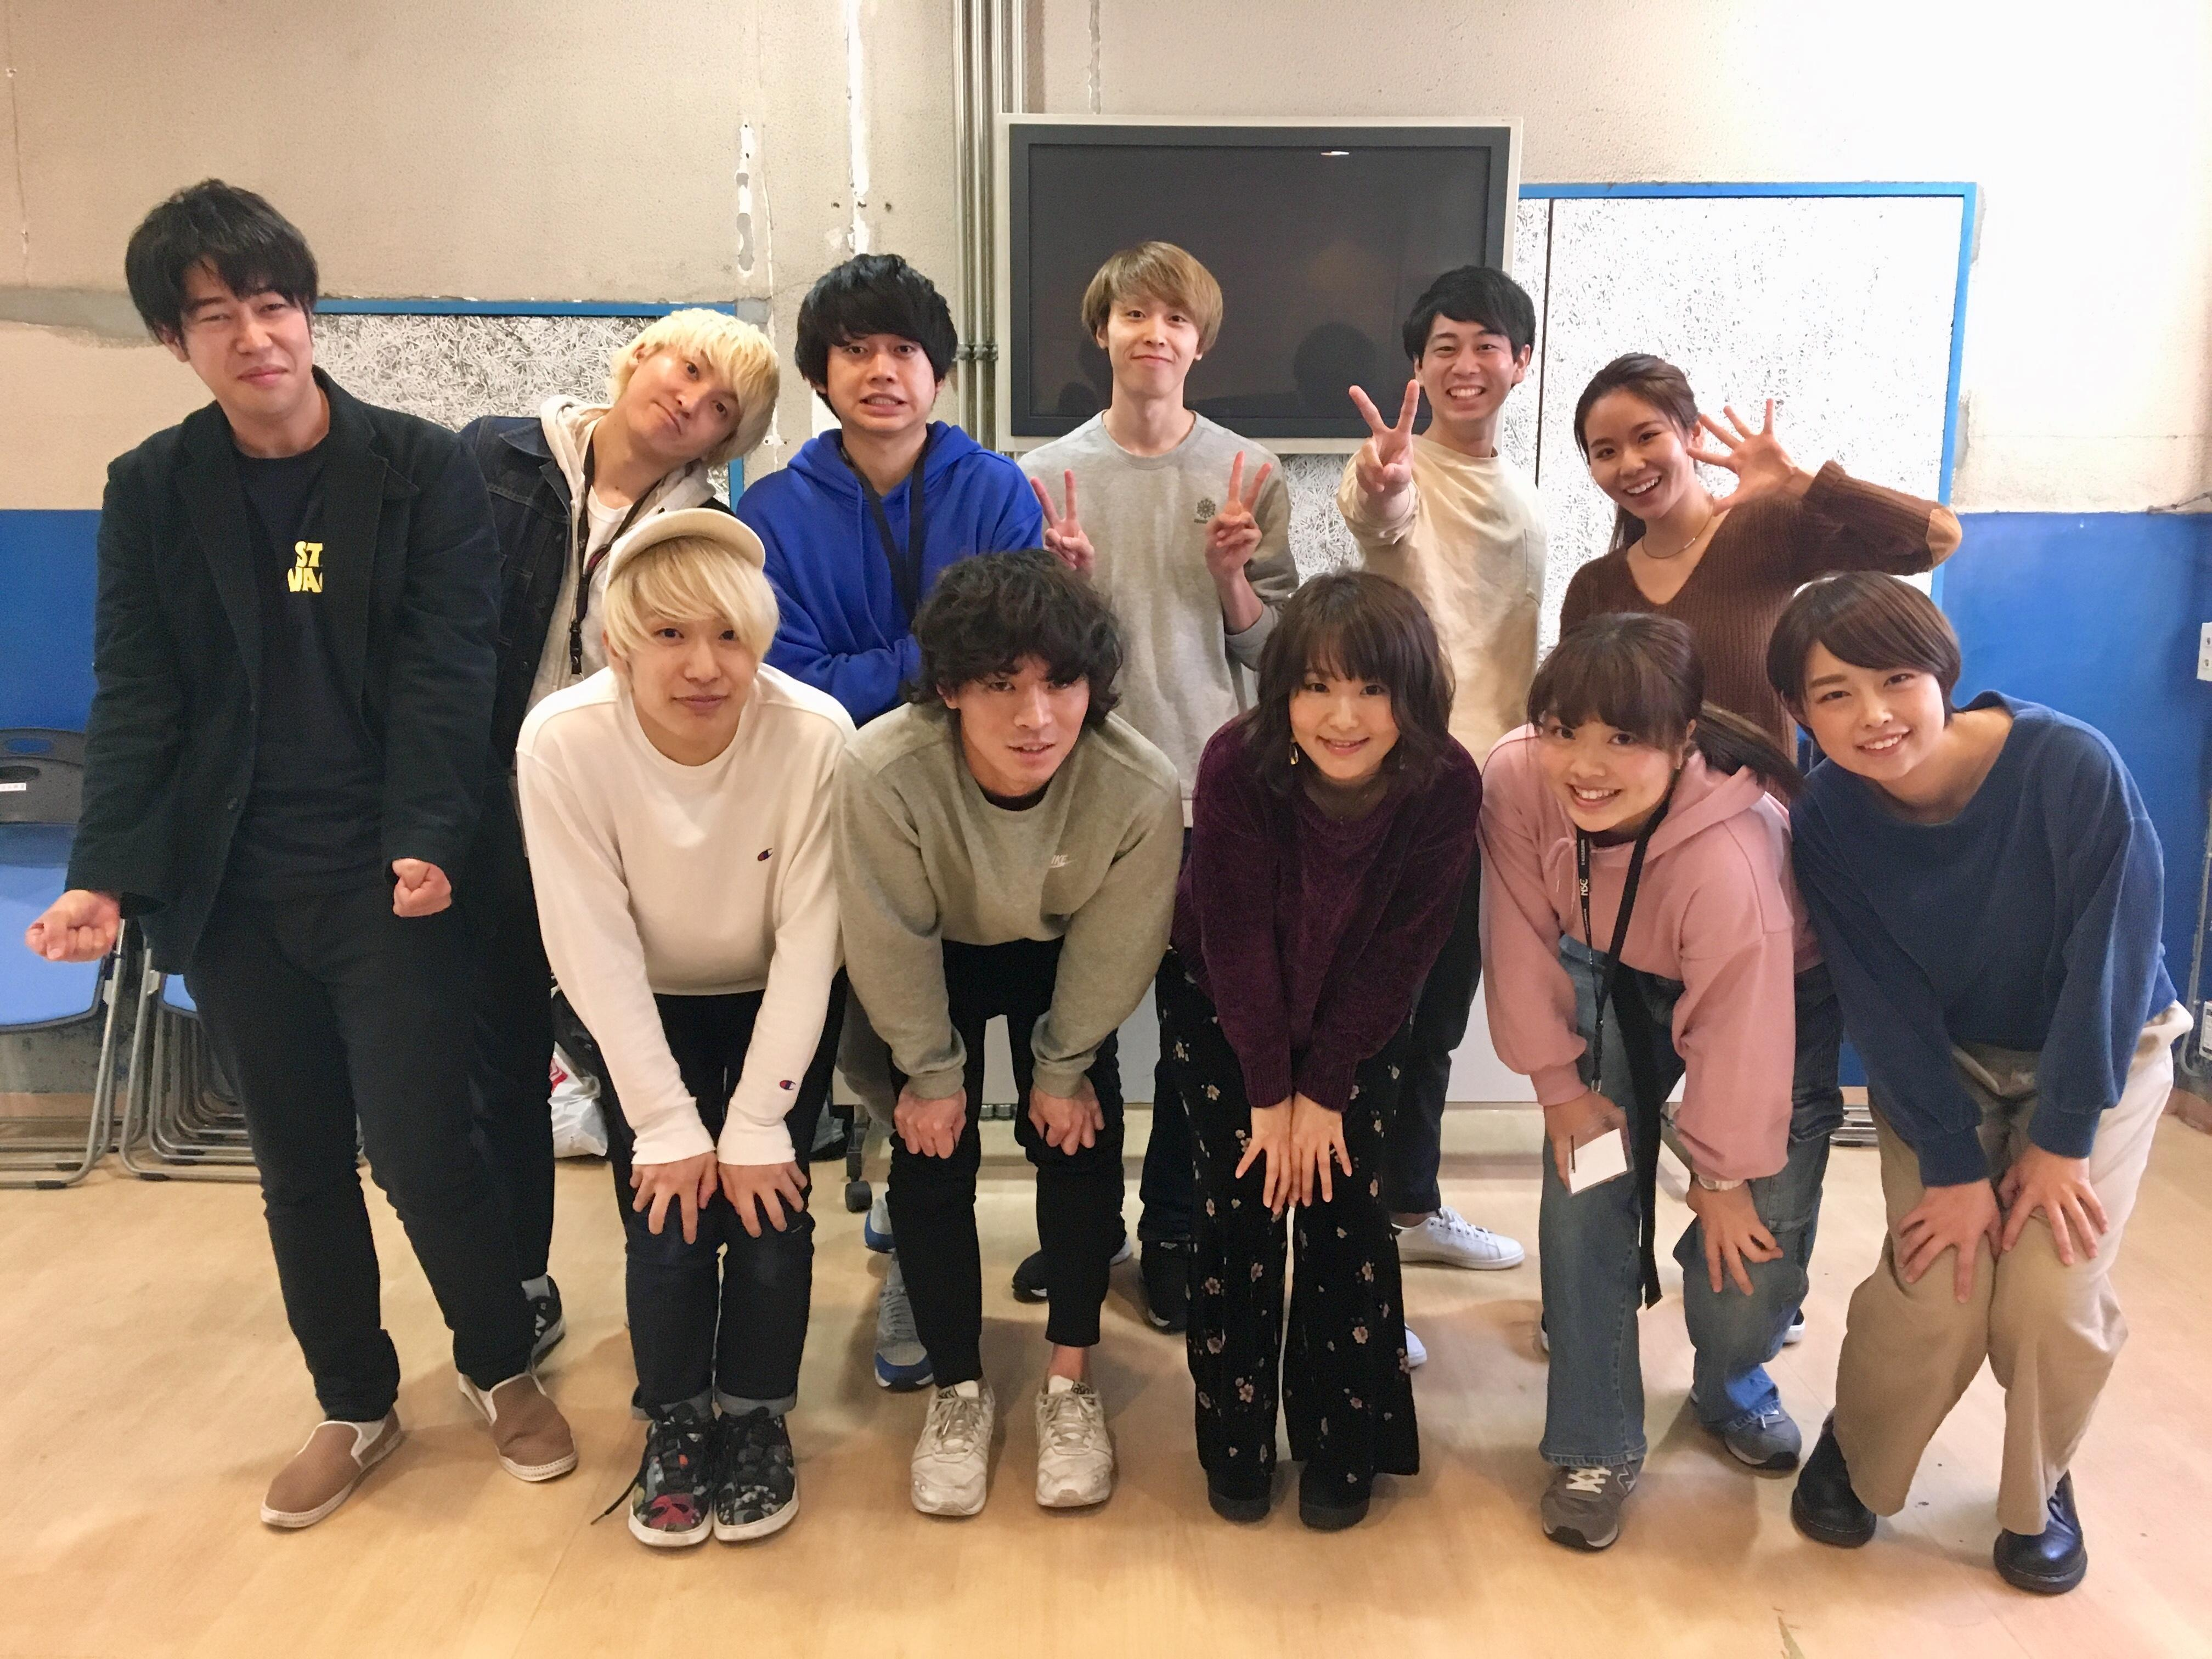 http://news.yoshimoto.co.jp/20181127115848-aefbdc9824d5be3a02d48670e4ea26b7f292c50d.jpg